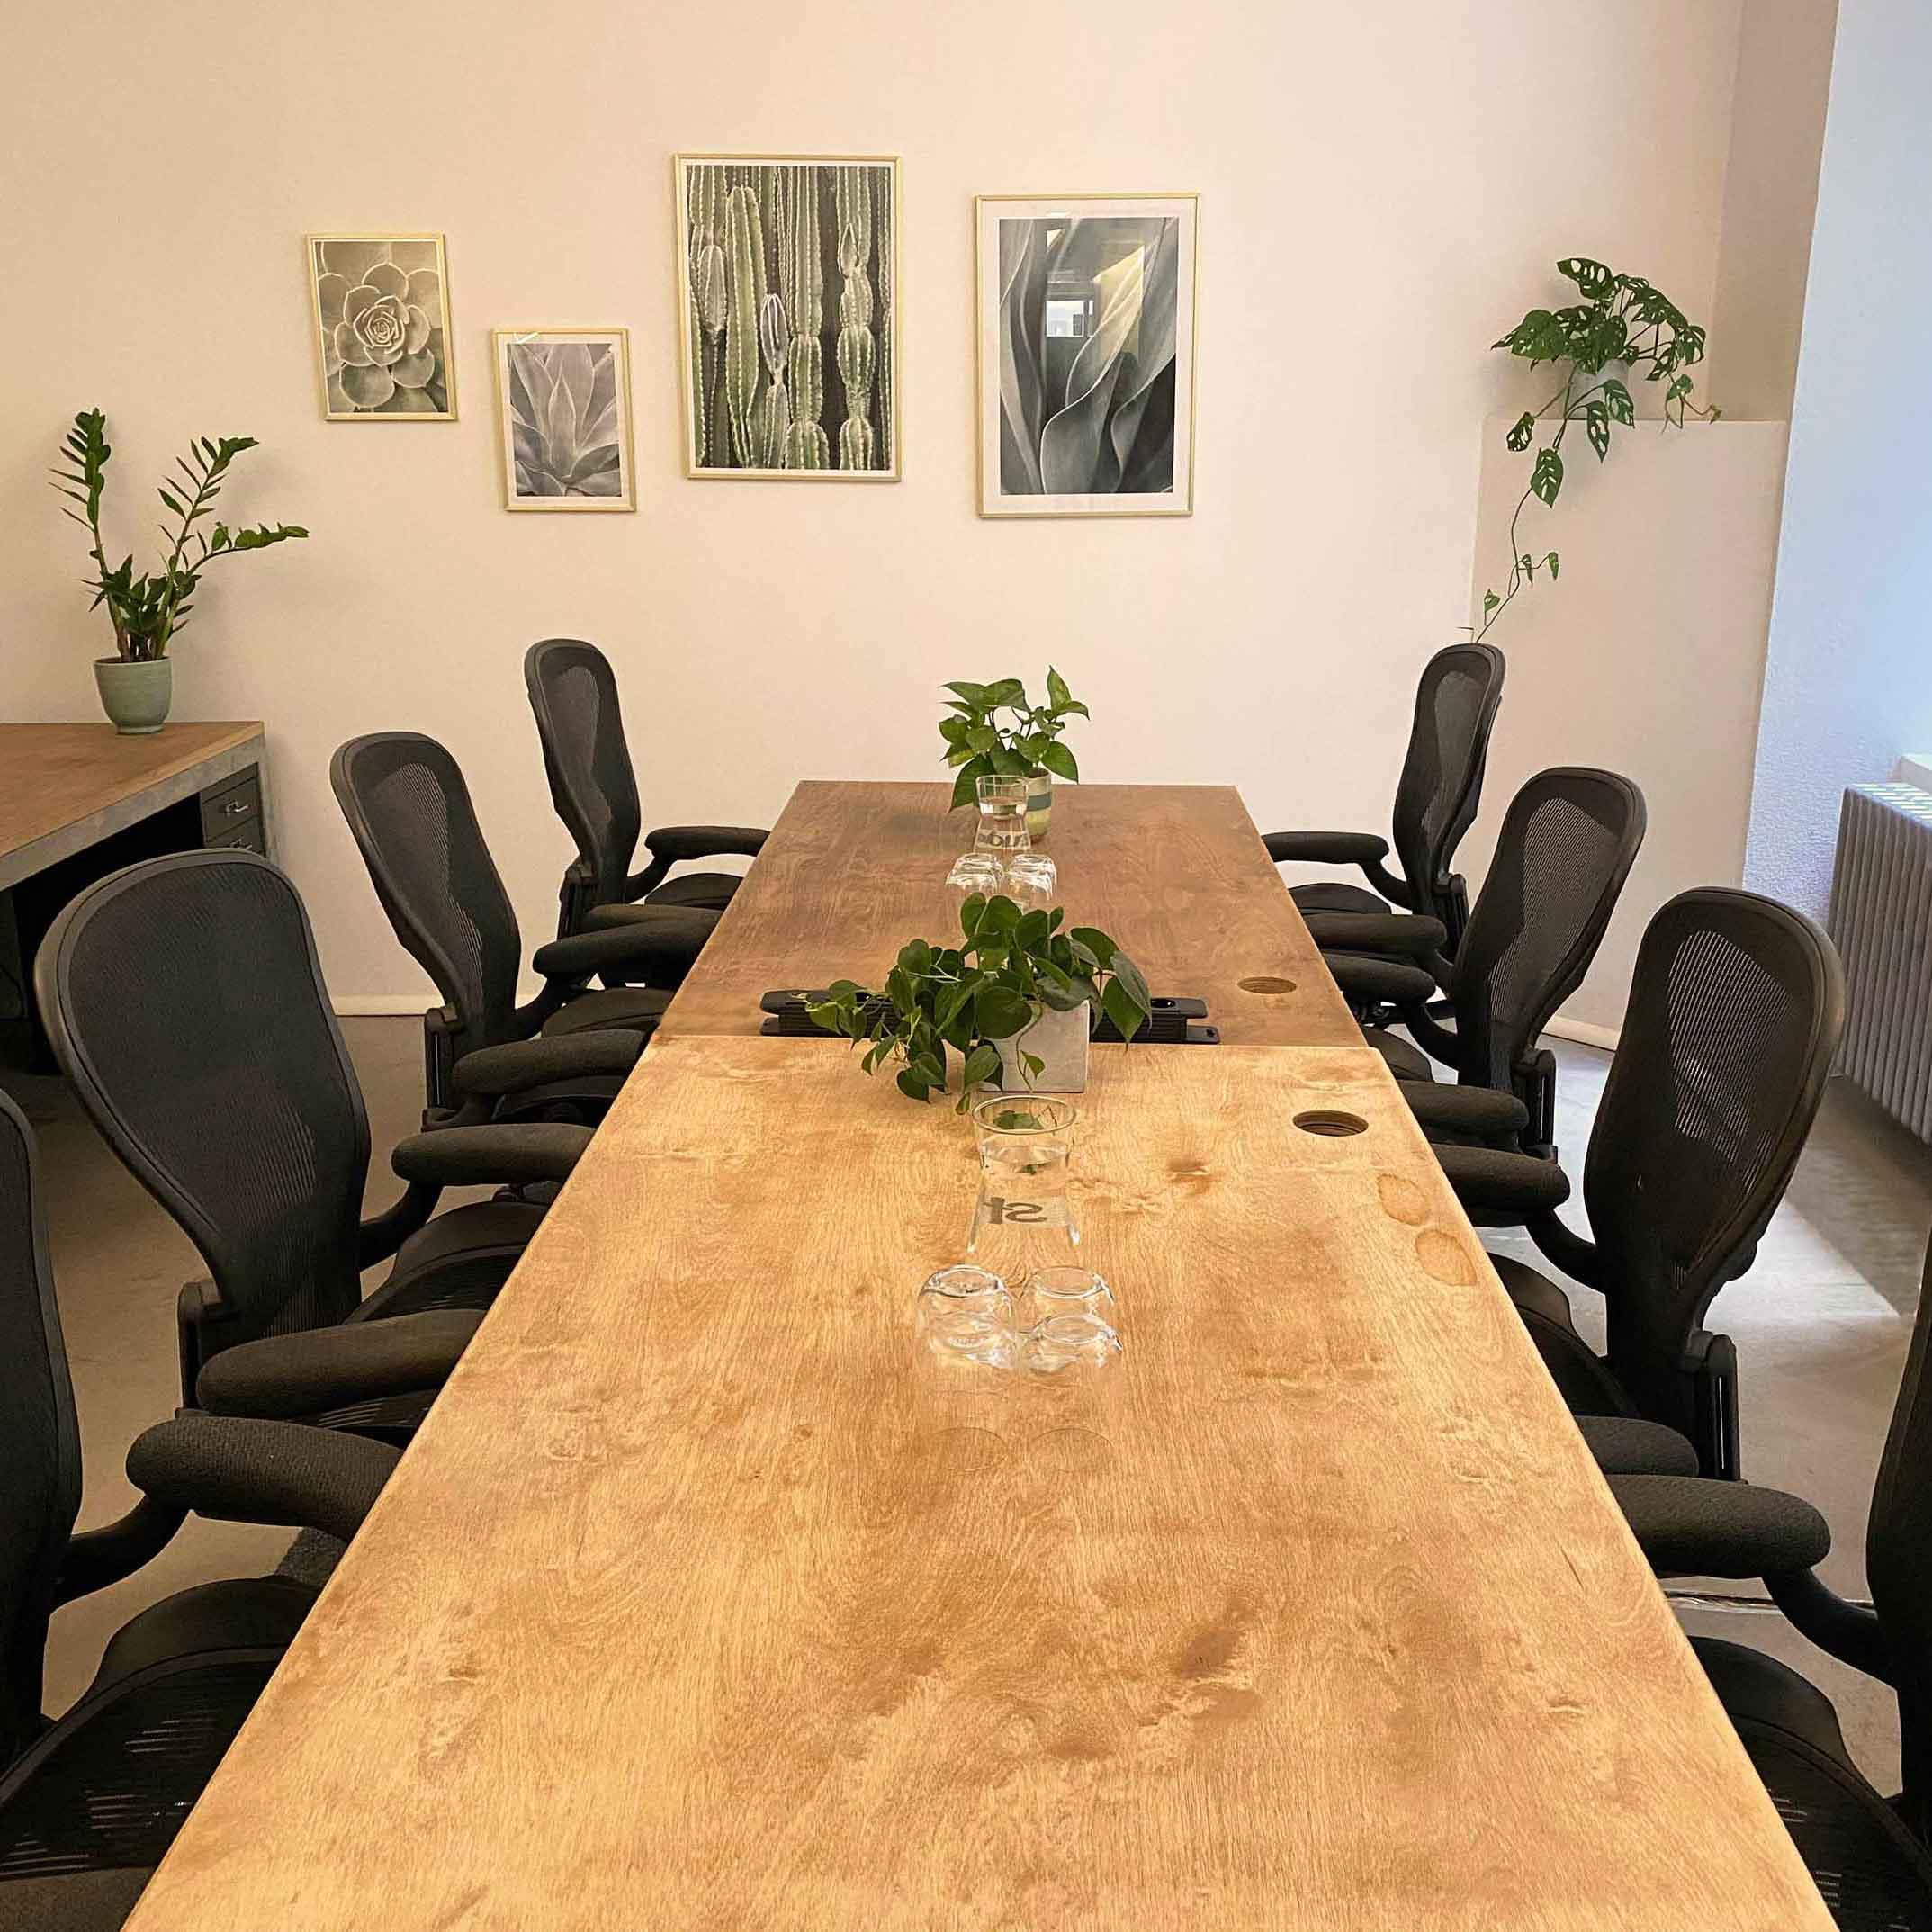 velvet space meeting space